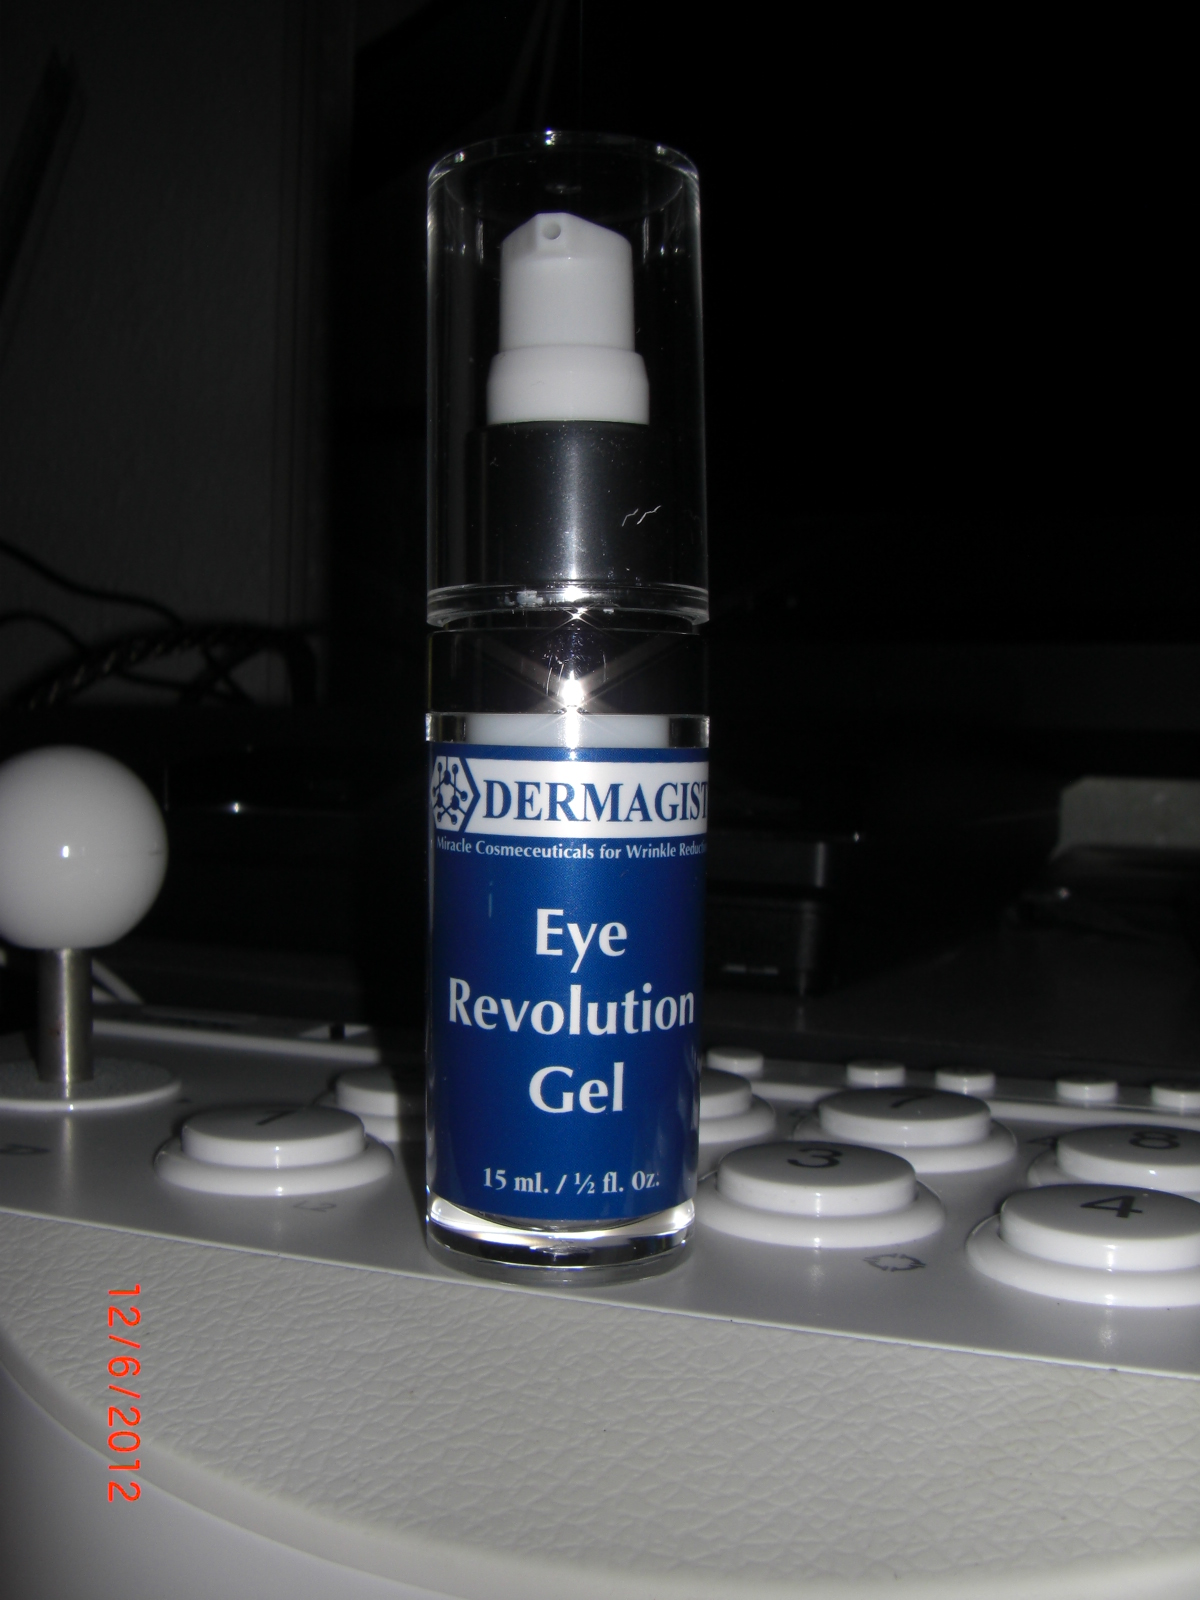 Buy Dermagist Dermajuv Eye Revolution Gel for sale price in Malaysia